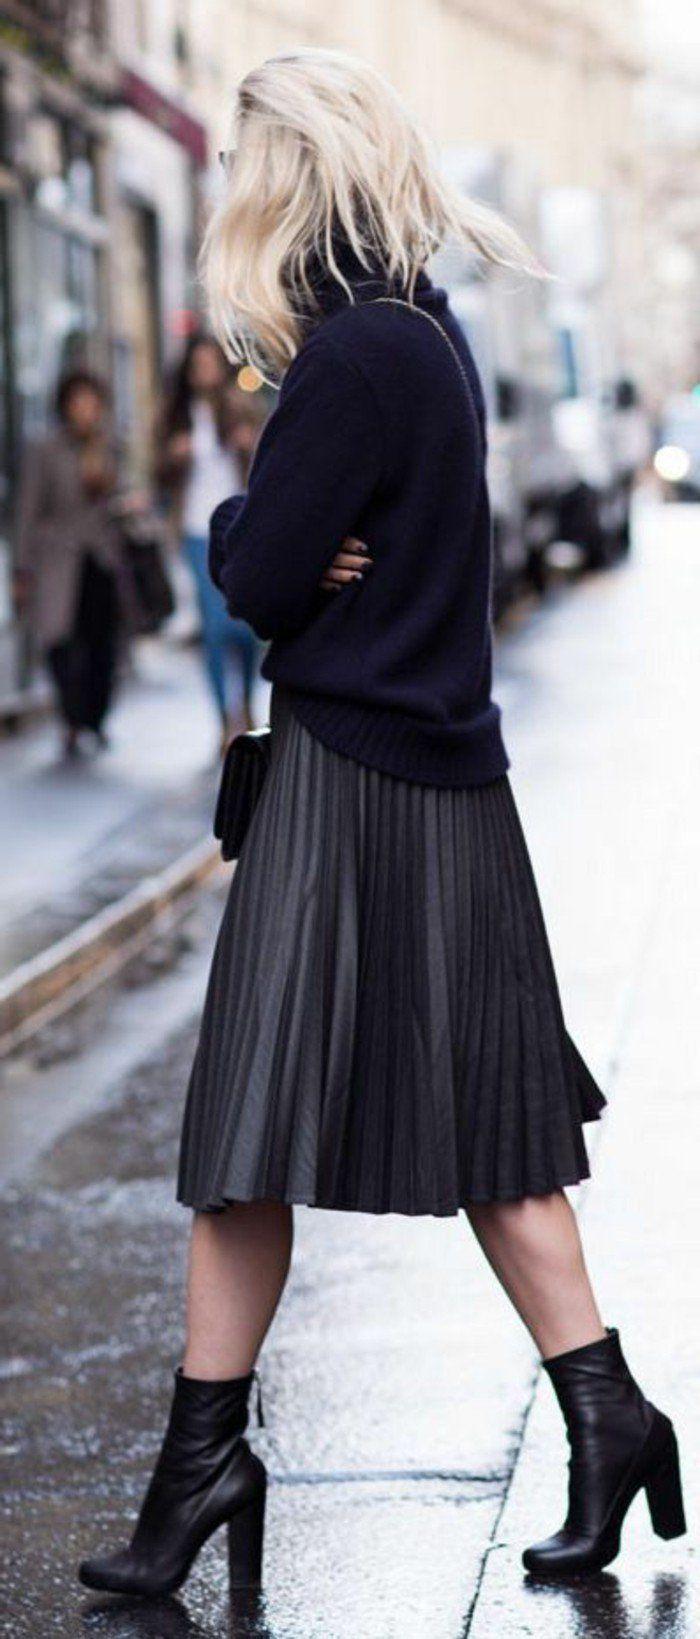 jolie jupe plissée grise, blouse bleu foncé cheveux blonds